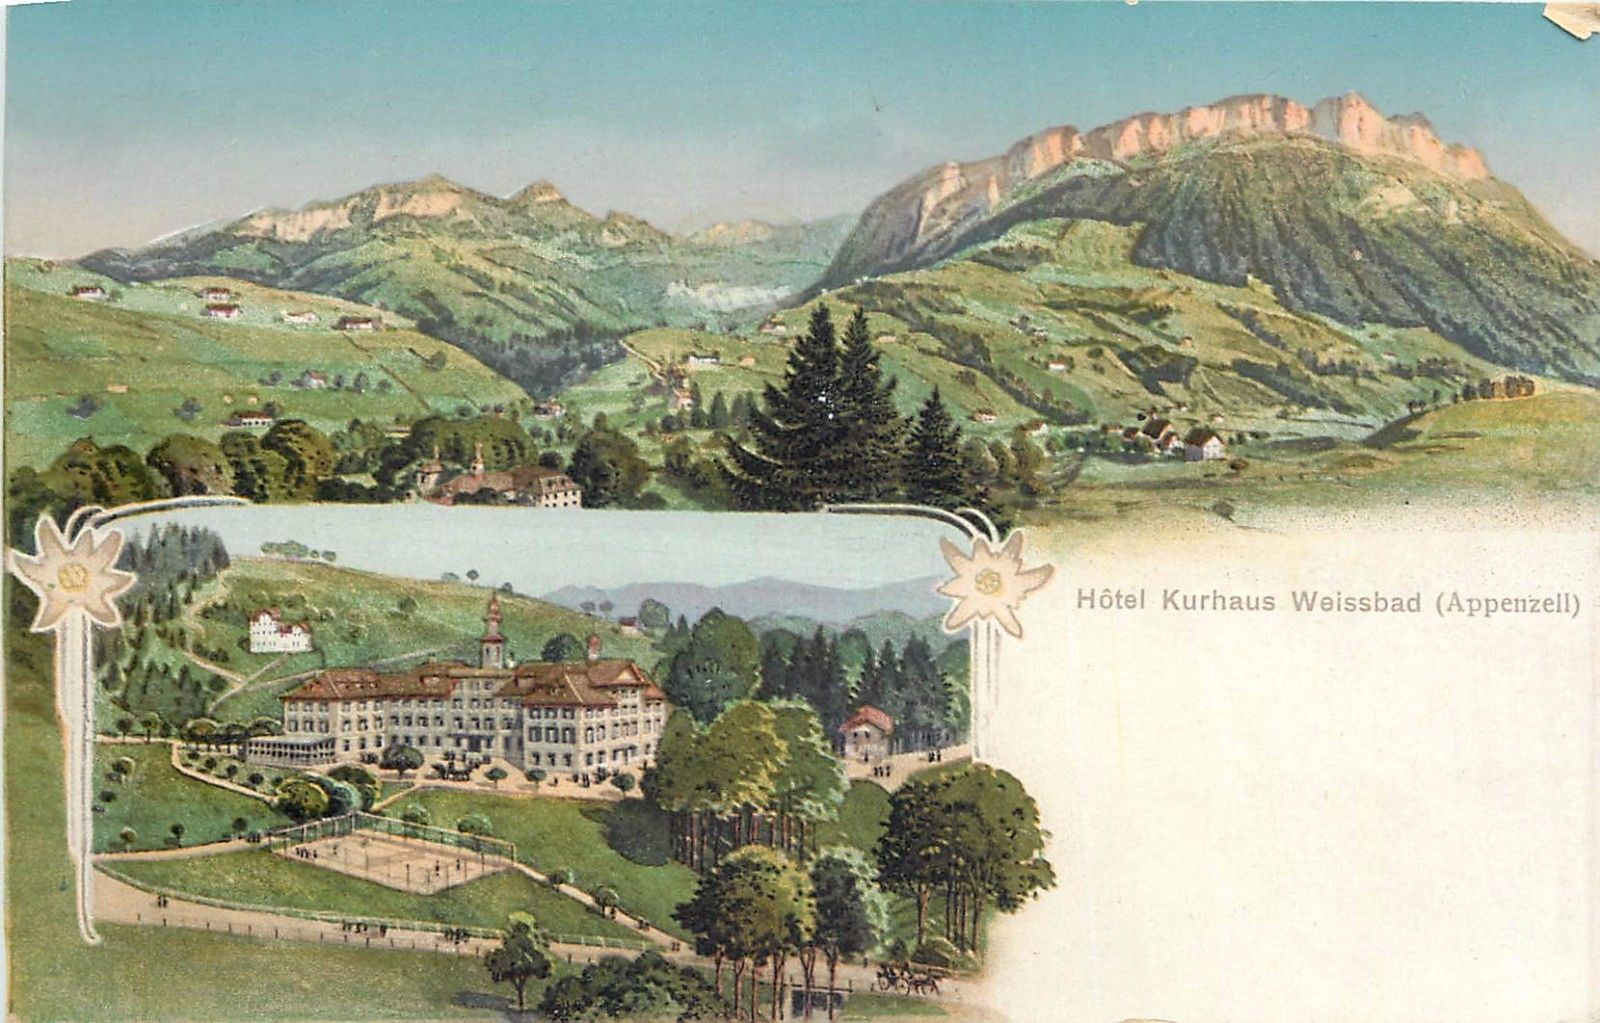 Hotel Kurhaus Weissbad Appenzell Switzerland Hippostcard